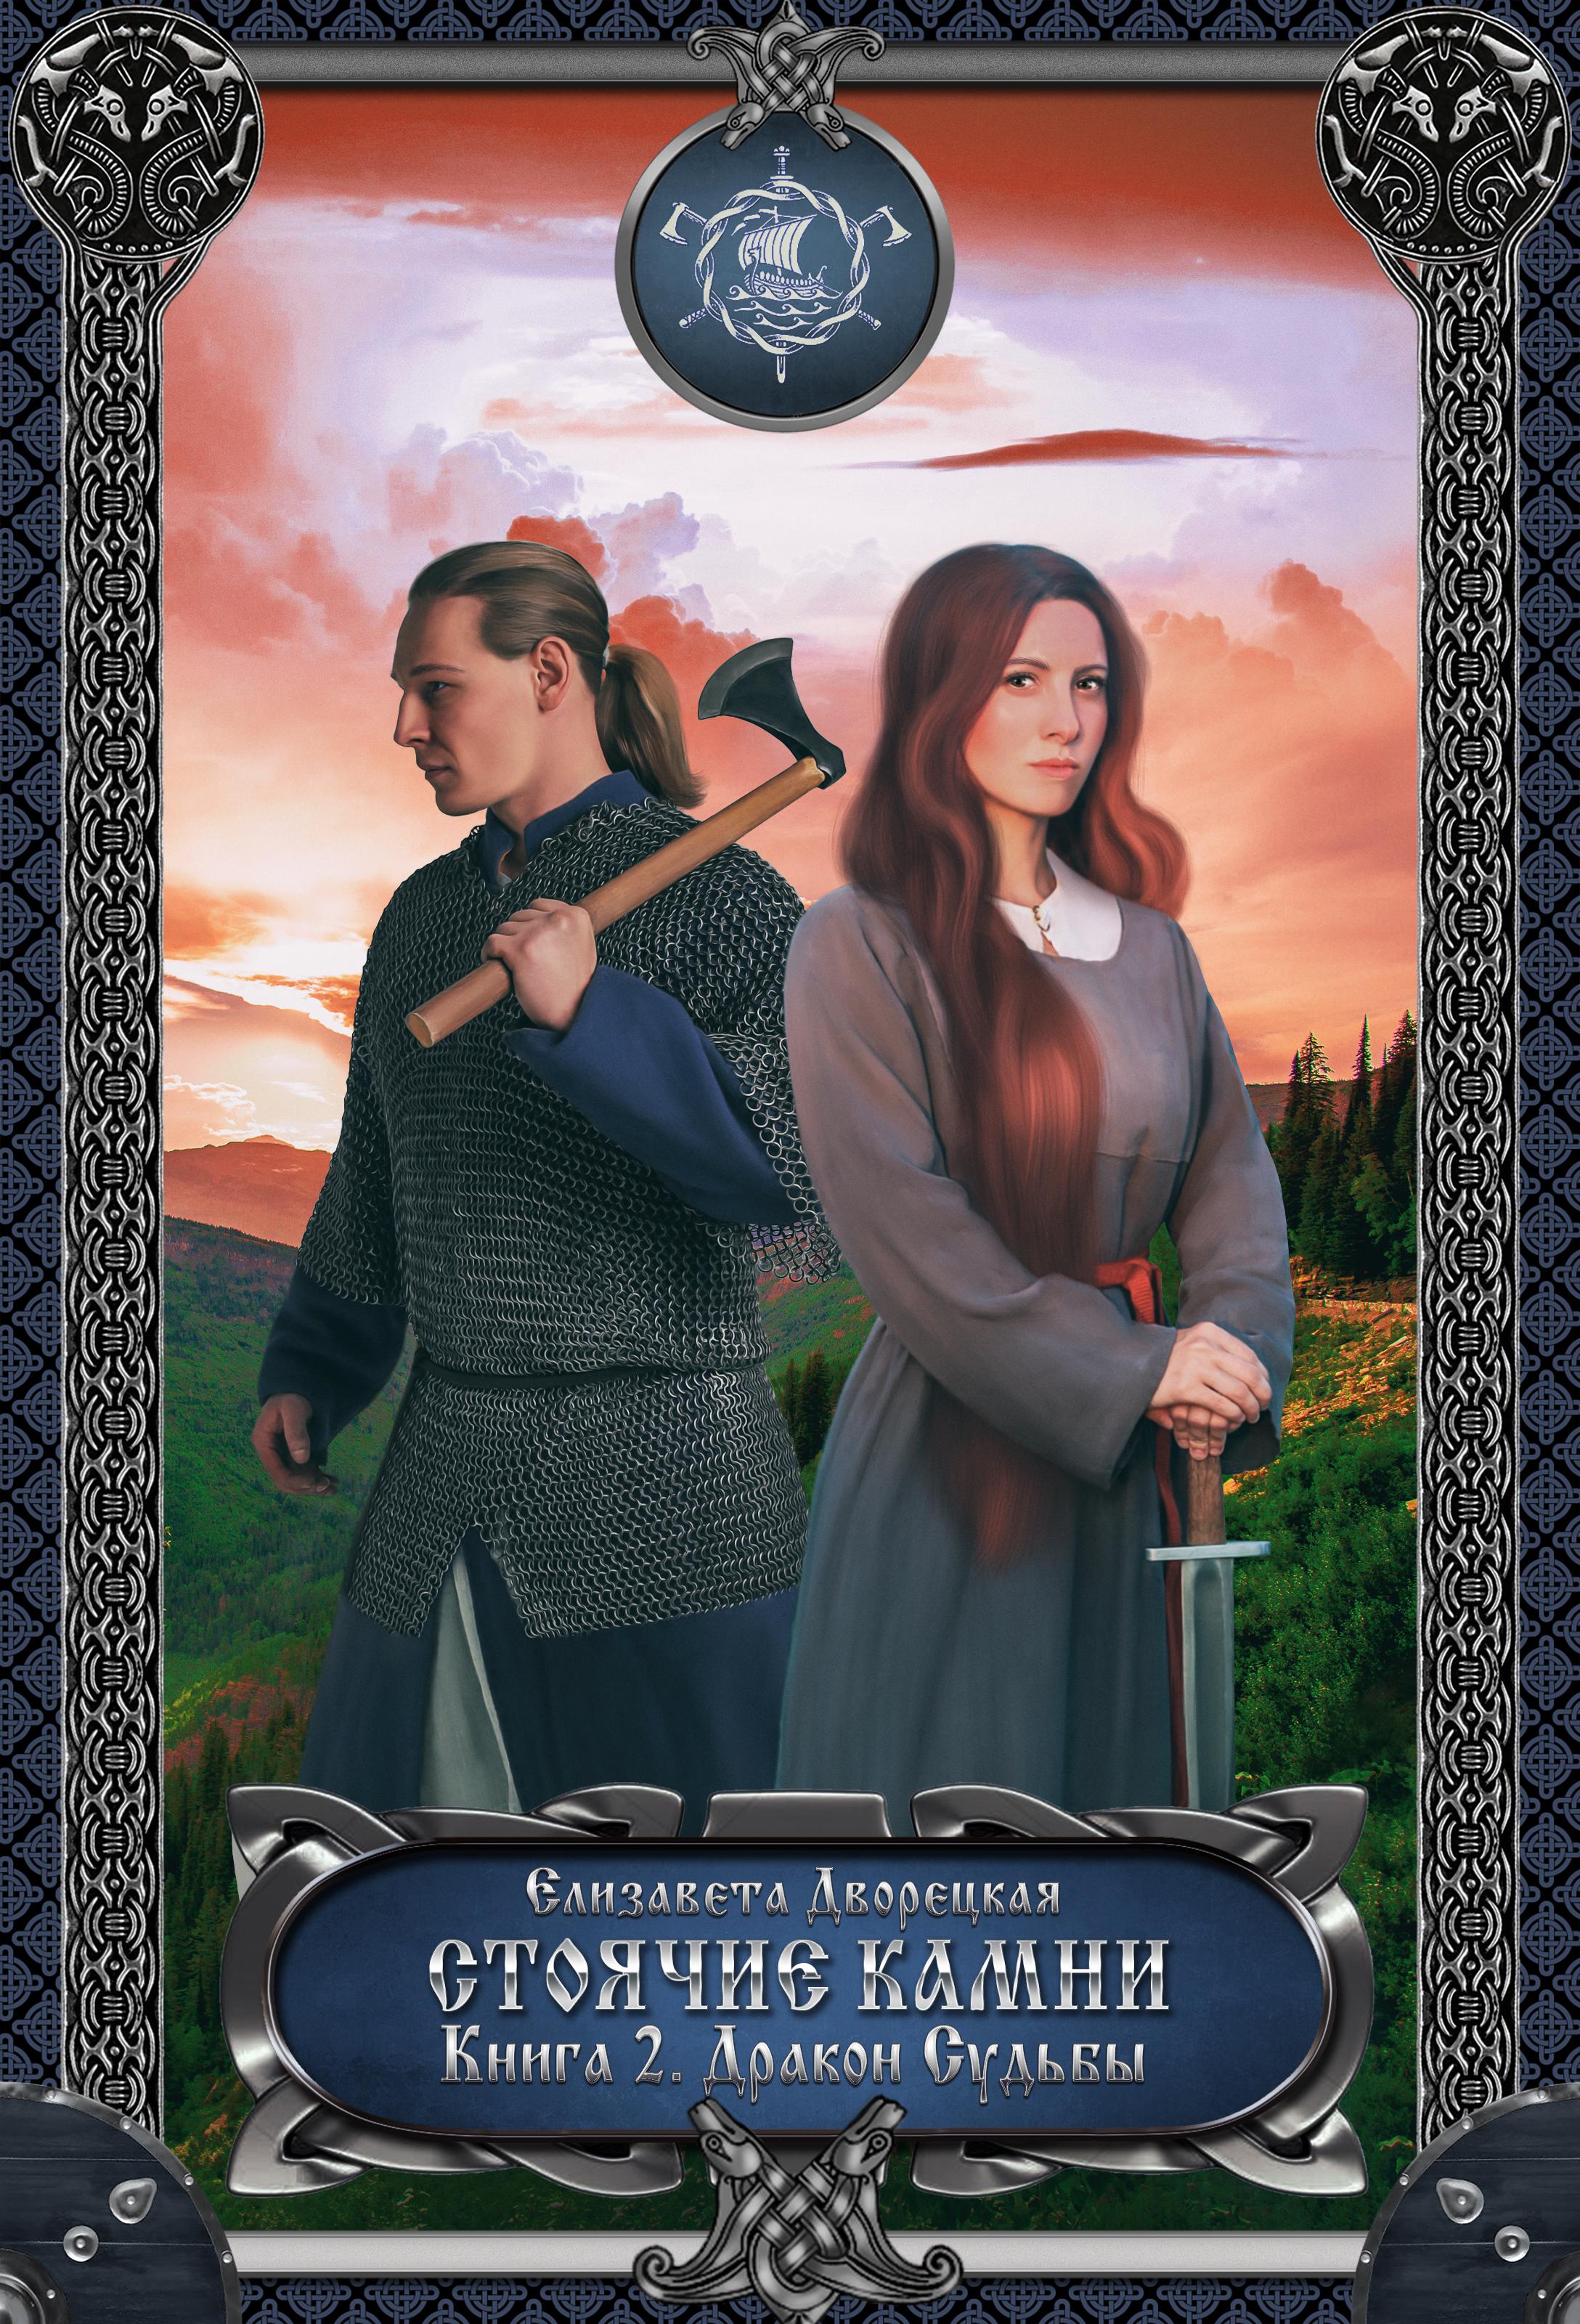 Елизавета Дворецкая «Стоячие камни. Книга 2: Дракон судьбы»